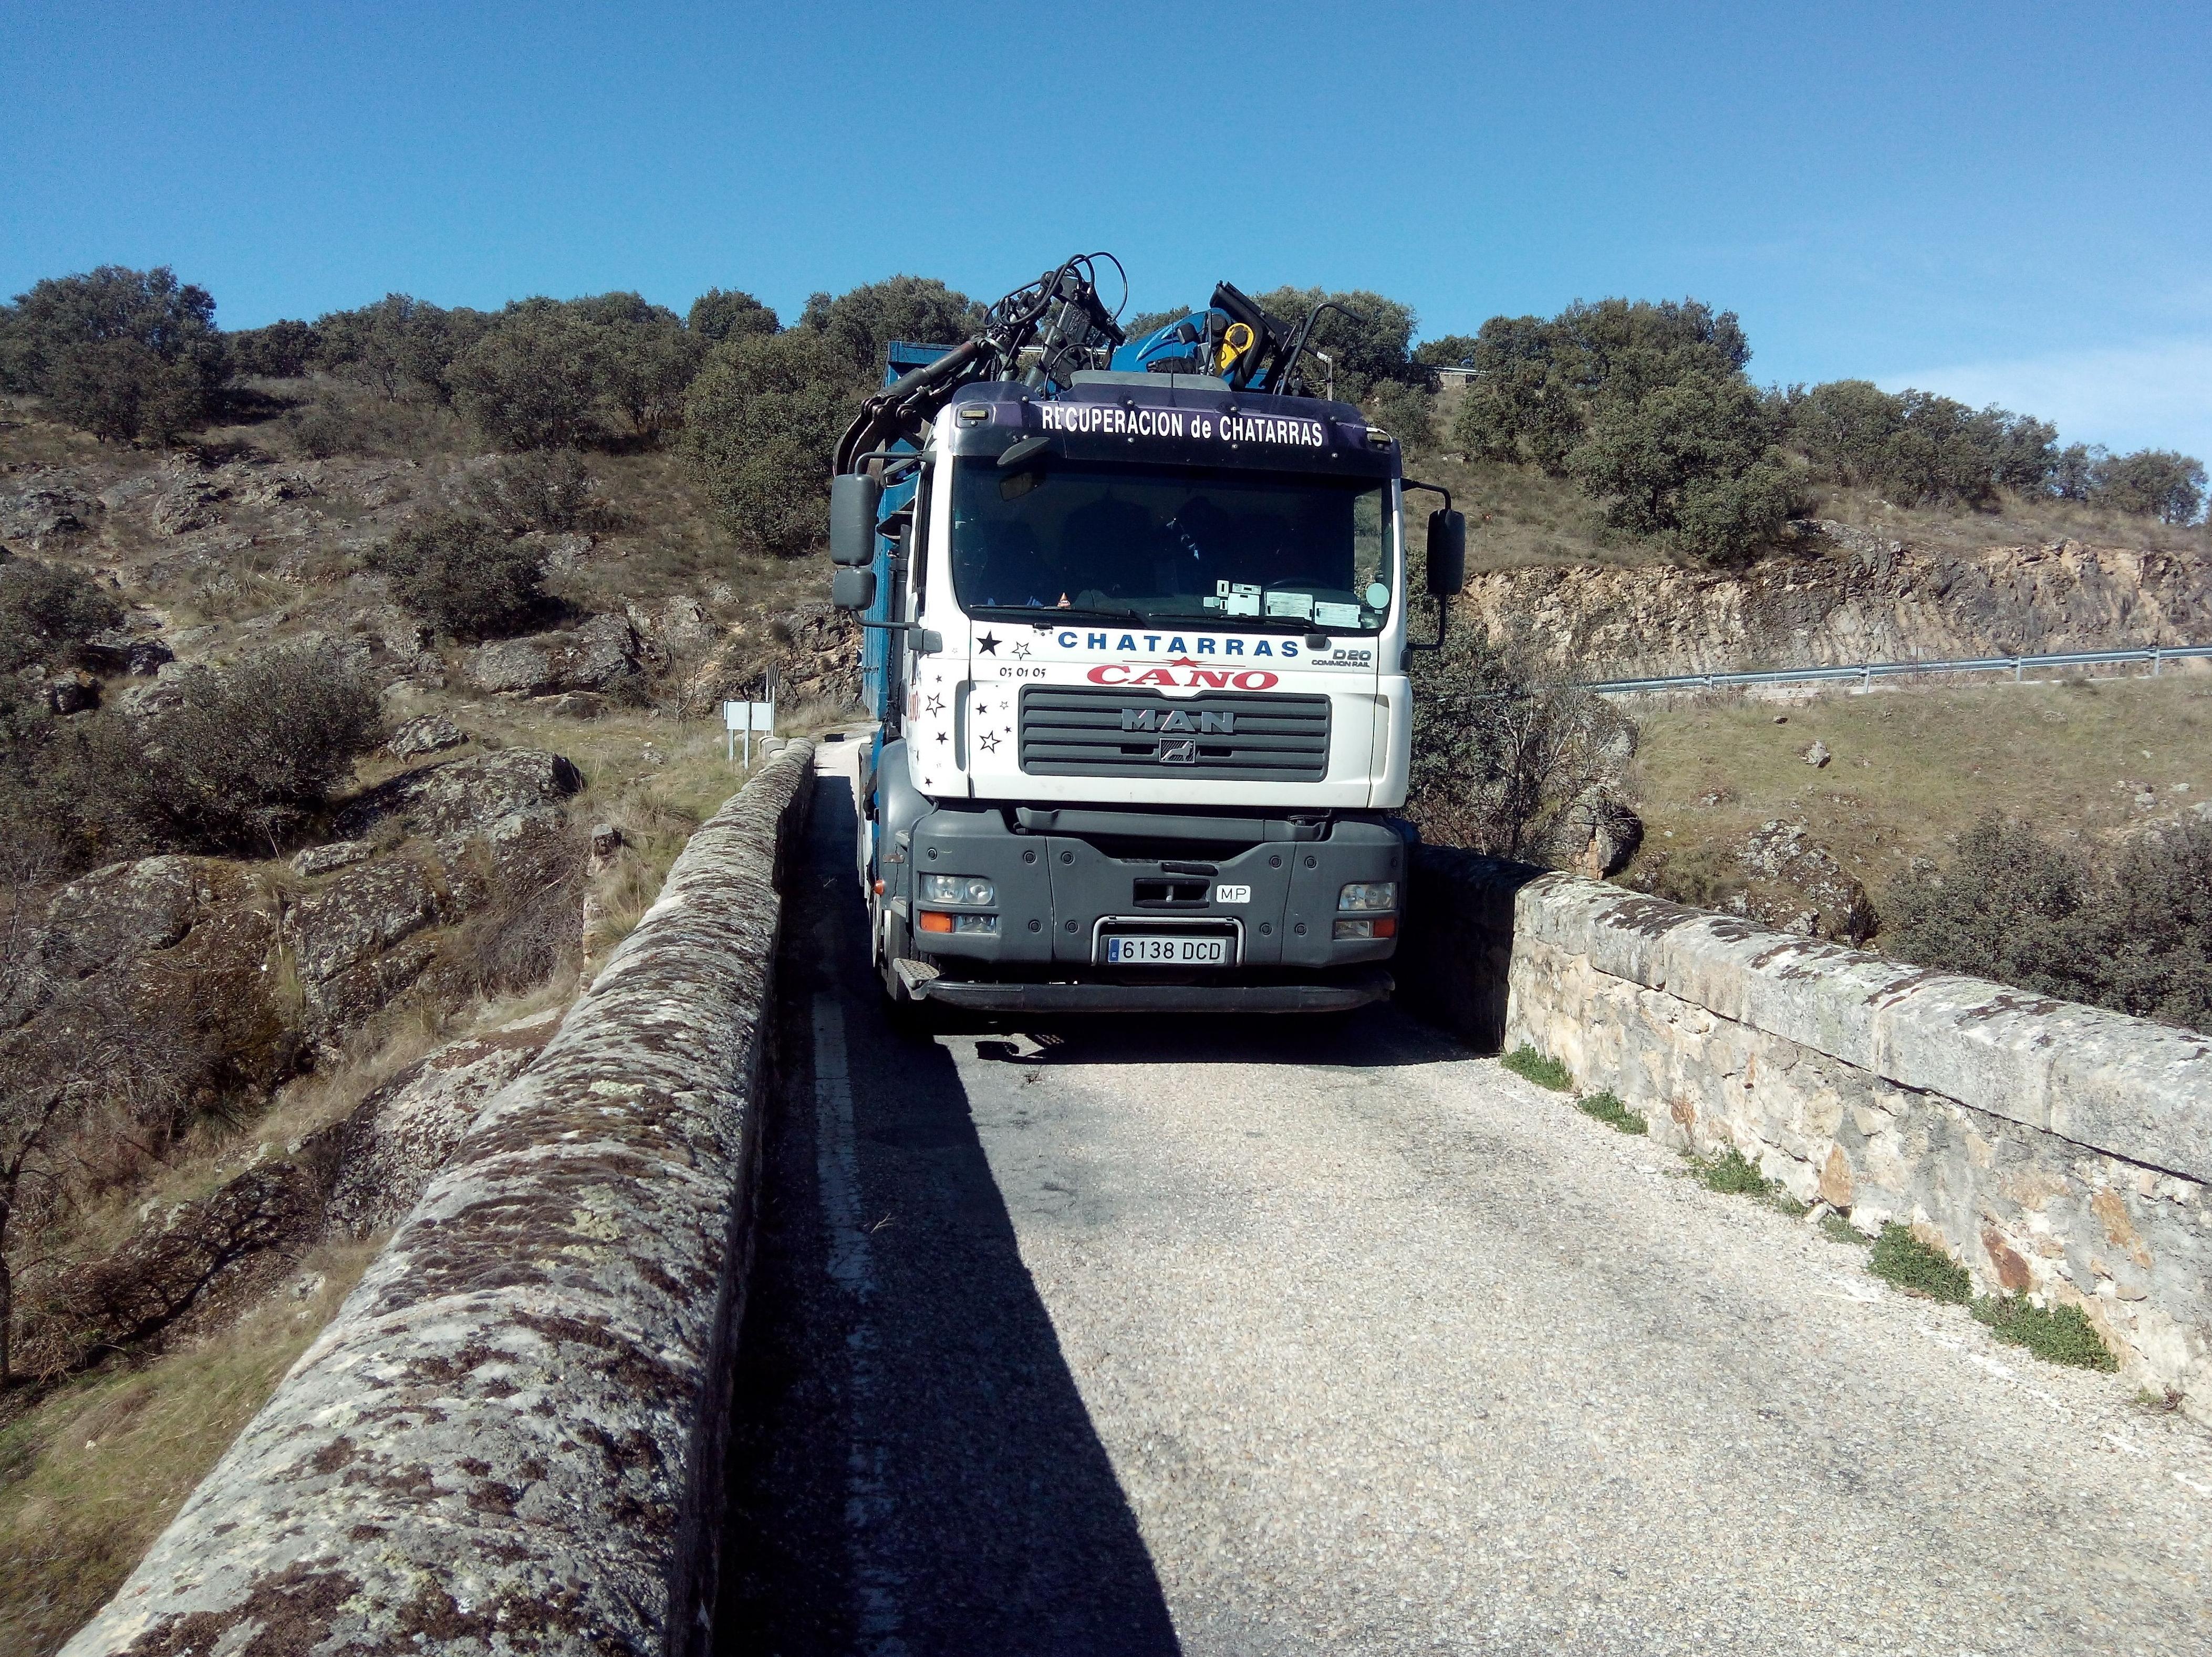 Foto 19 de Desguaces y chatarras en Moraleja de Enmedio | Recuperaciones J.M.C.